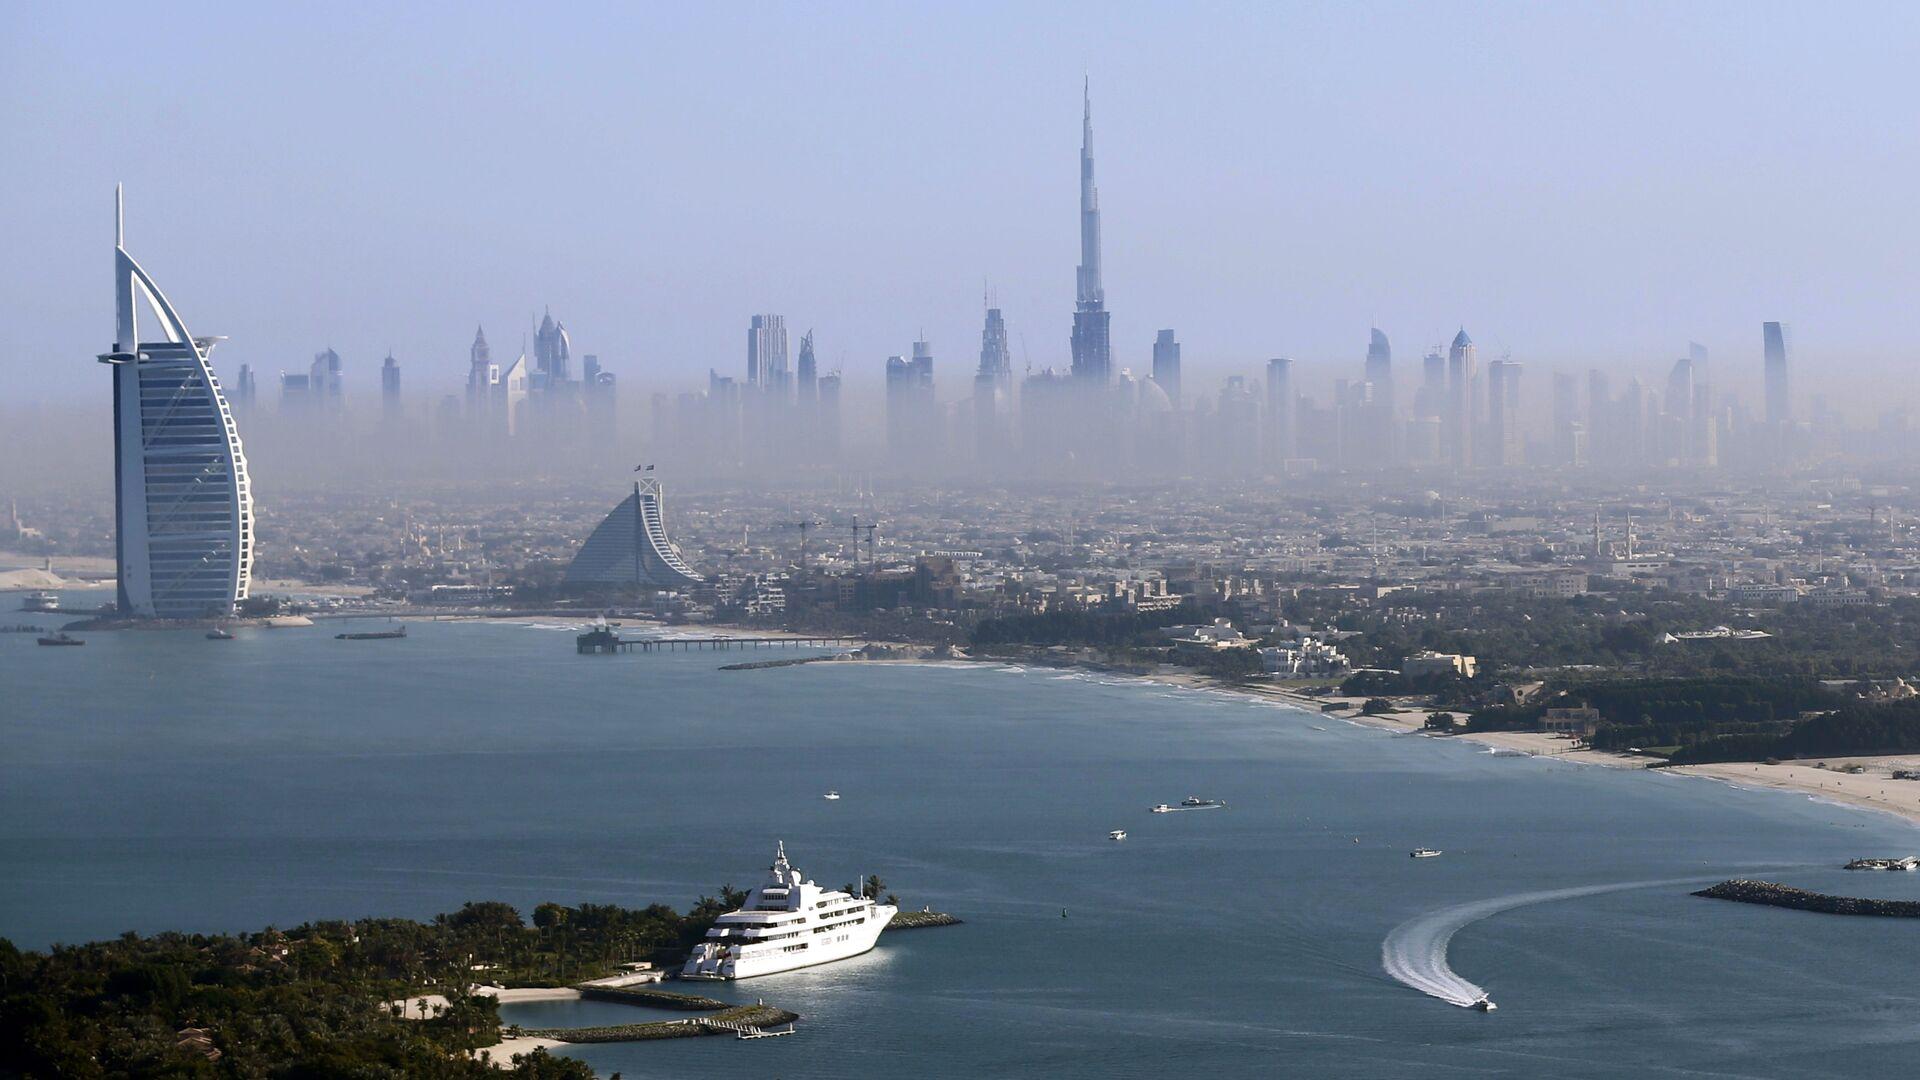 Вид на самую высокую башню в мире Бурдж-Халифа в Дубае, ОАЭ - Sputnik Italia, 1920, 22.06.2021